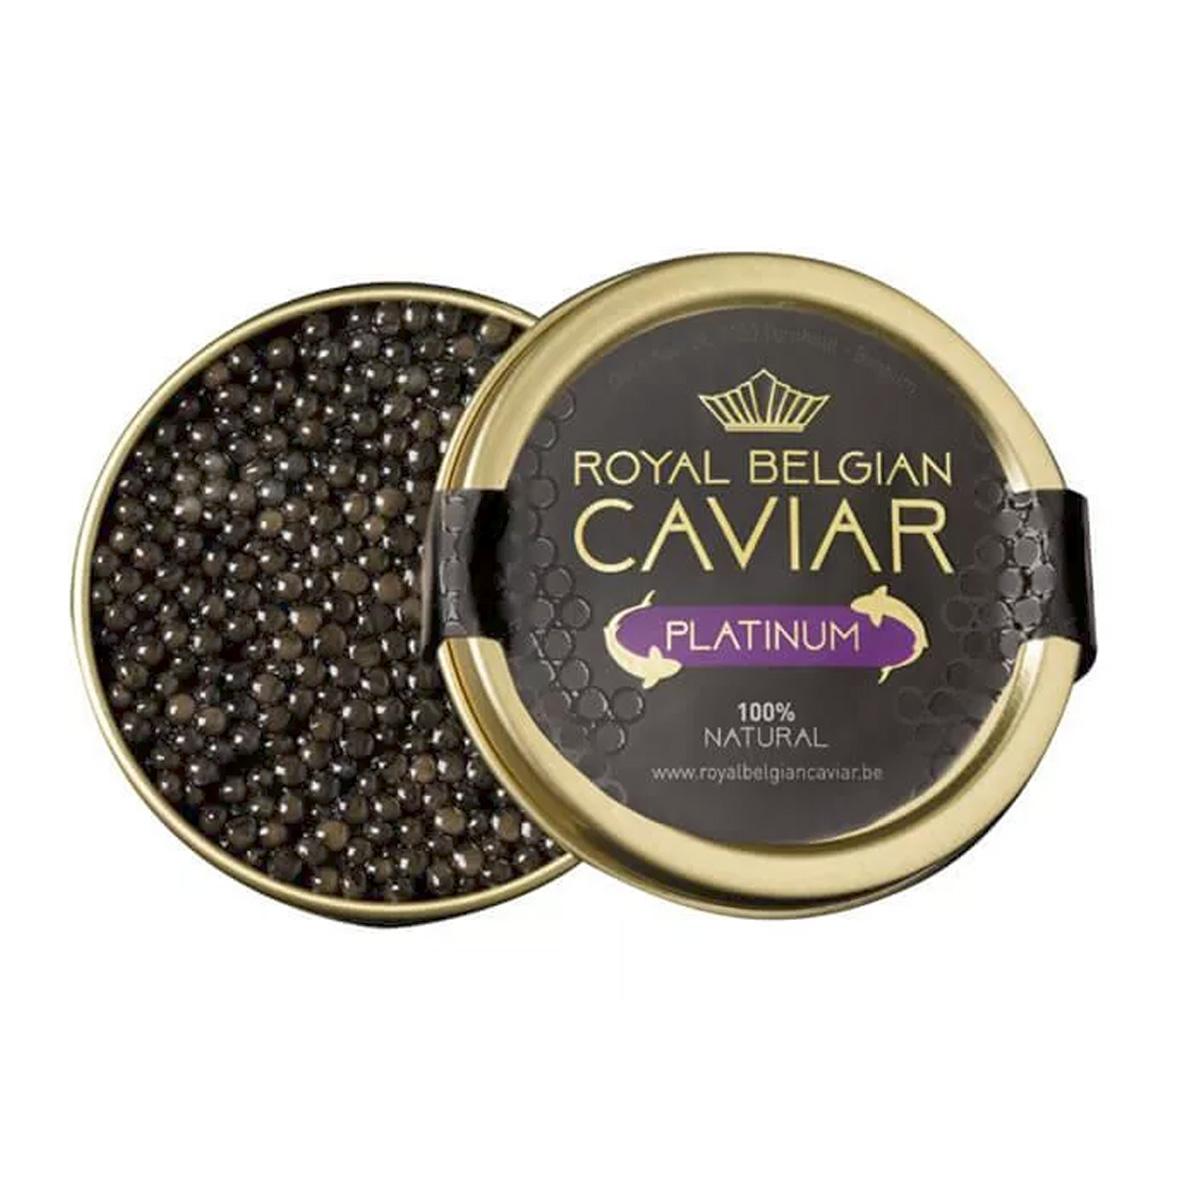 Caviar - Royal Belgian Caviar - Platinum